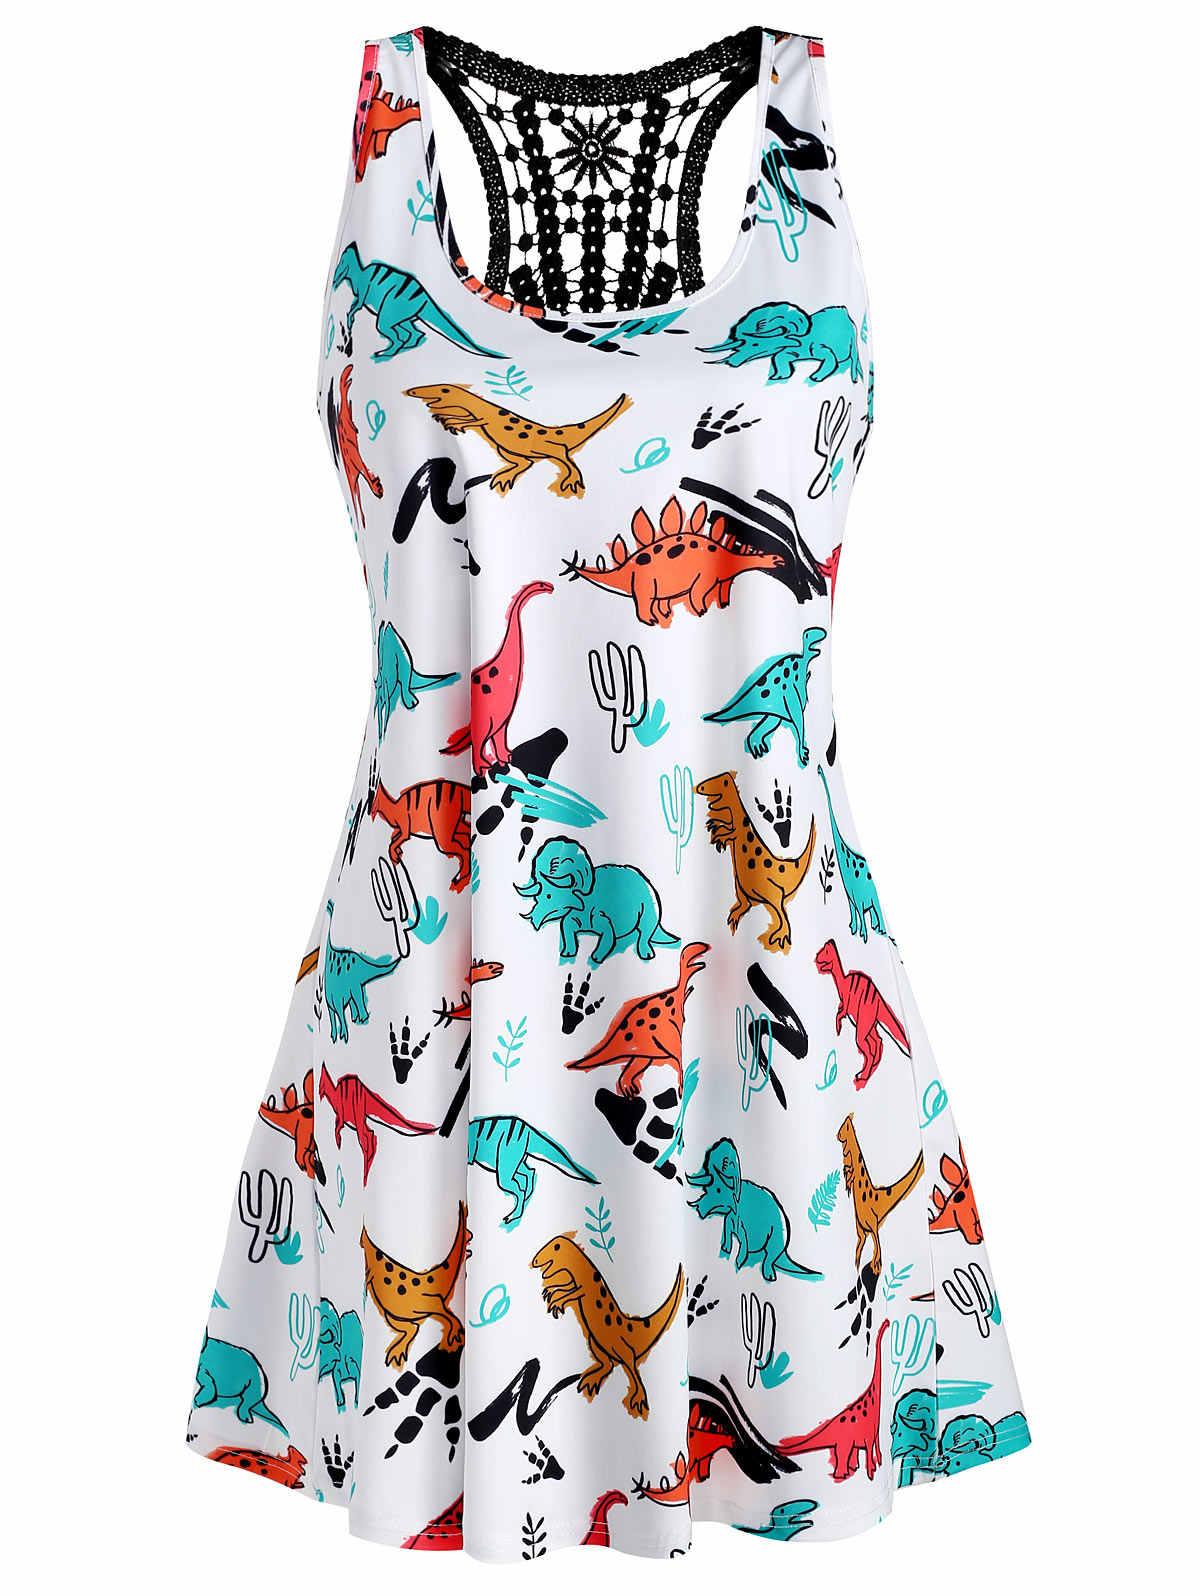 """Wipalo куртка с принтом """"динозавр"""" плюс Размеры Для женщин летнее платье без рукавов; жилет; Тэнк-Топ Кружева Топы женские майки летние топы регата Feminina 5XL"""